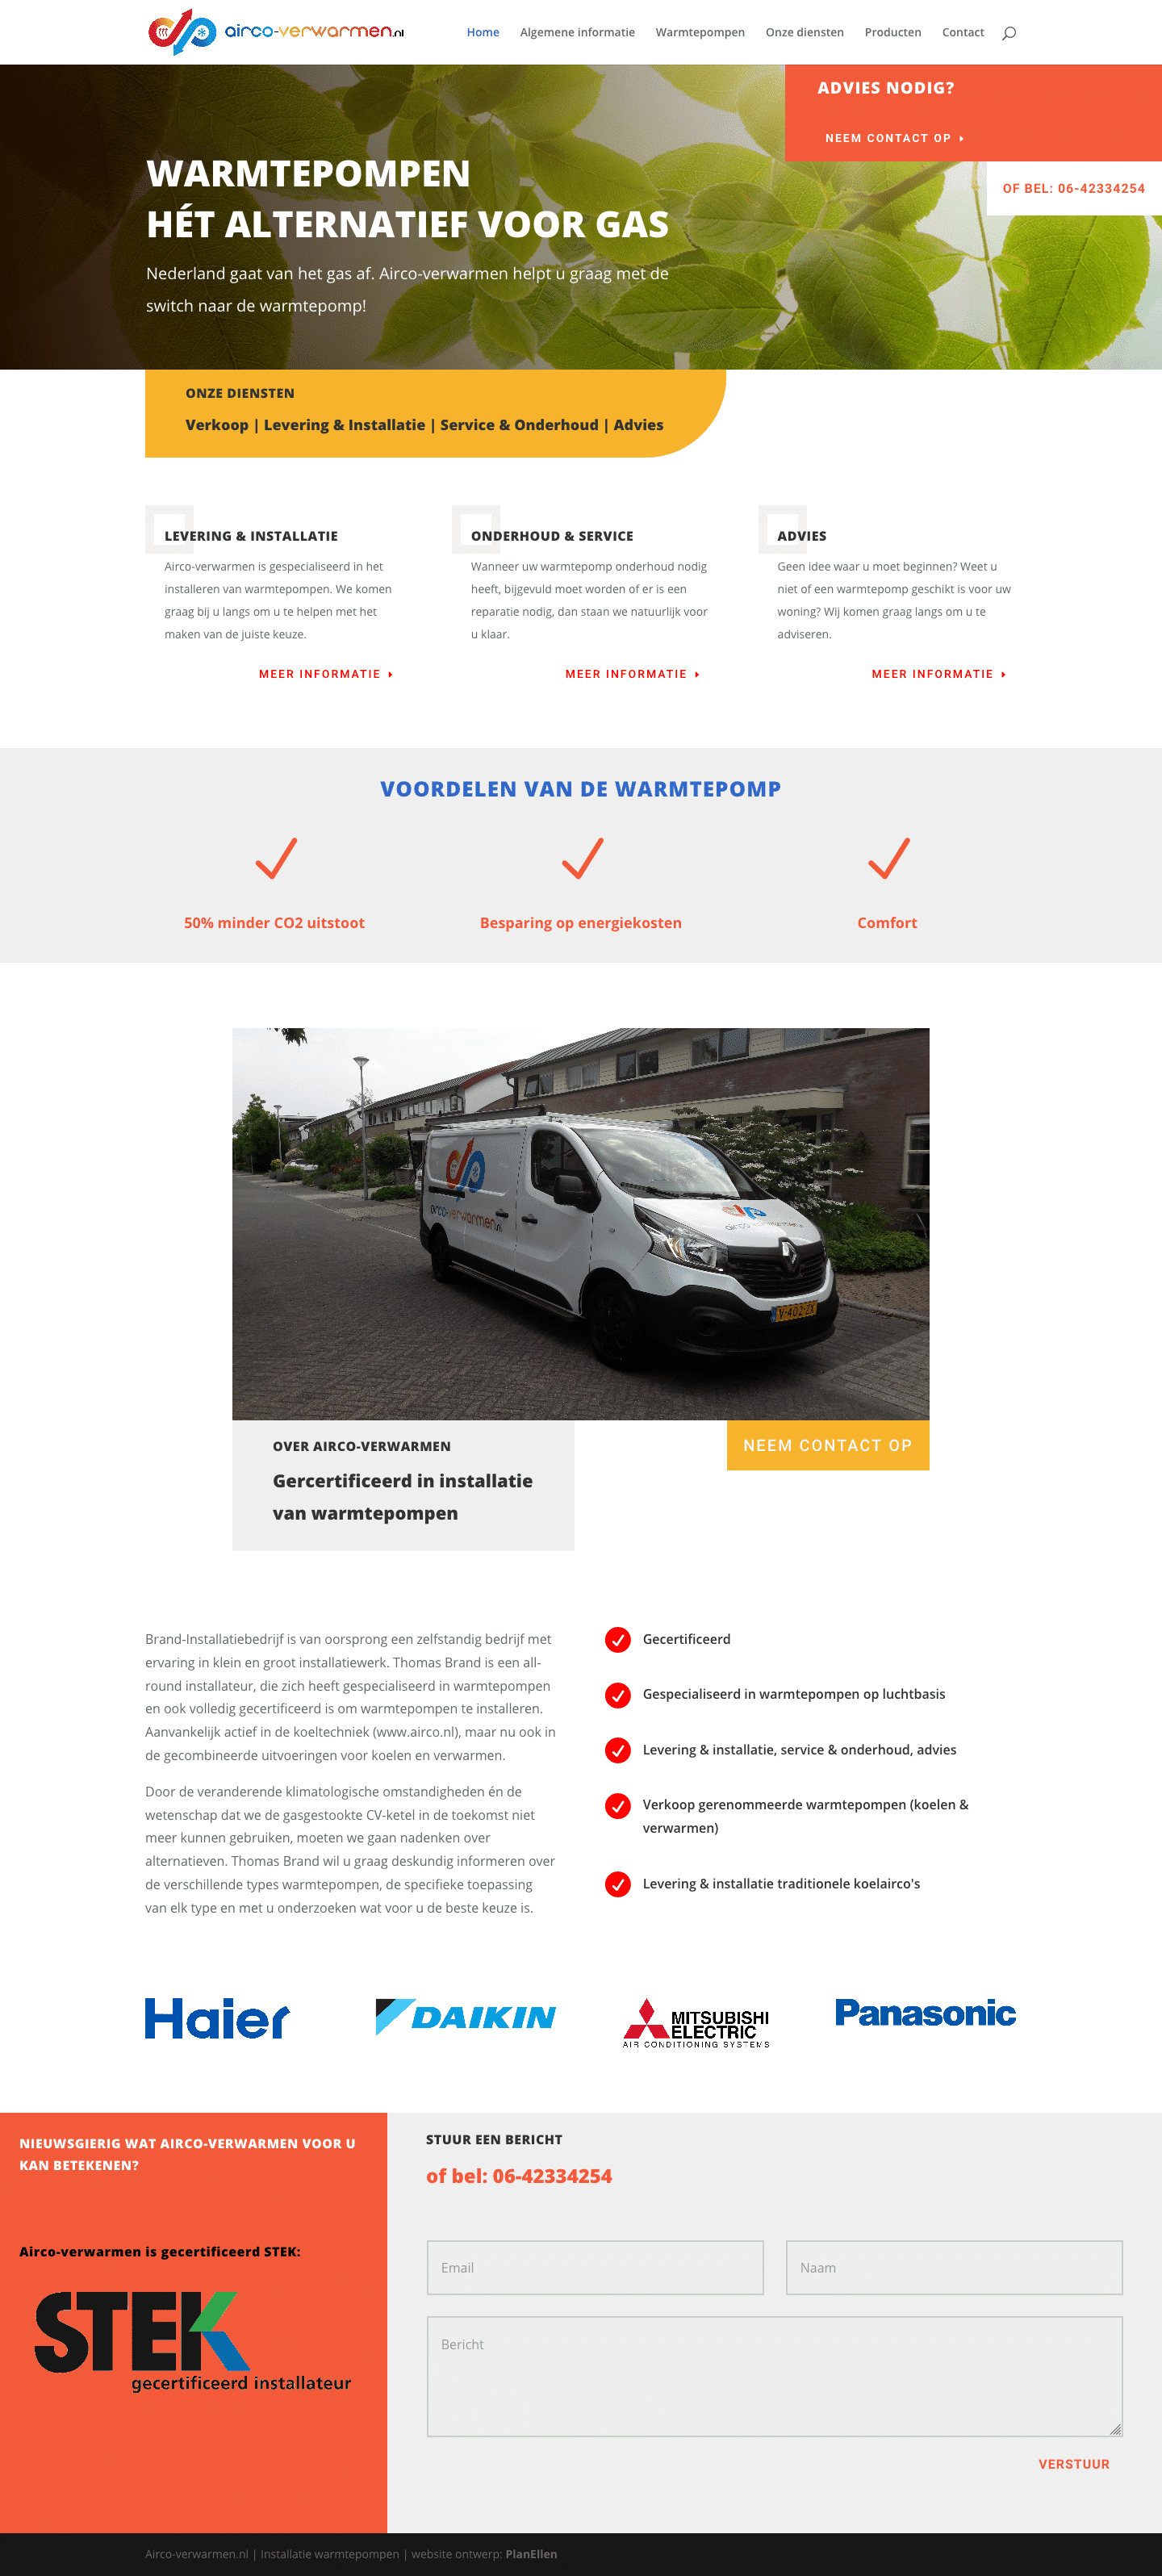 Airco-verwarmen.nl